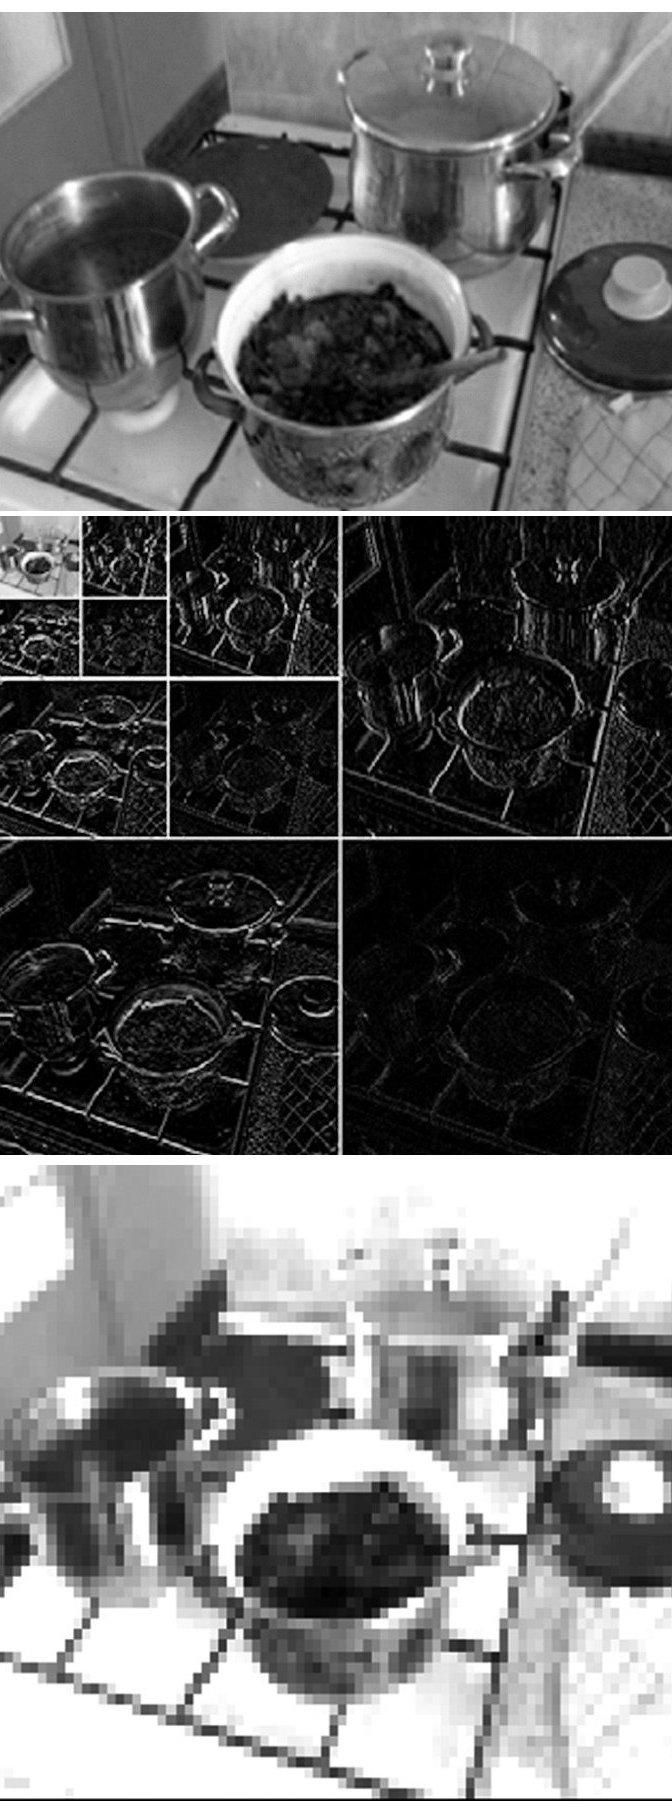 a. Obrazová informace z kamery před kompresí b. Dekompozice obrazu wavelet tranformací do 3. stupně (zmenšení 1 : 64). Kombinací těchto komponent lze bezeztrátově rekonstruovat původní obrázek c. Komprimovaný obraz obsahuje 97,8 % informací původního obrazu a lze jej zobrazit ve 12 stupních intenzity proudu (stupňů šedi) v elektrodovém poli 60 x 40 elektrod na kůži trupu